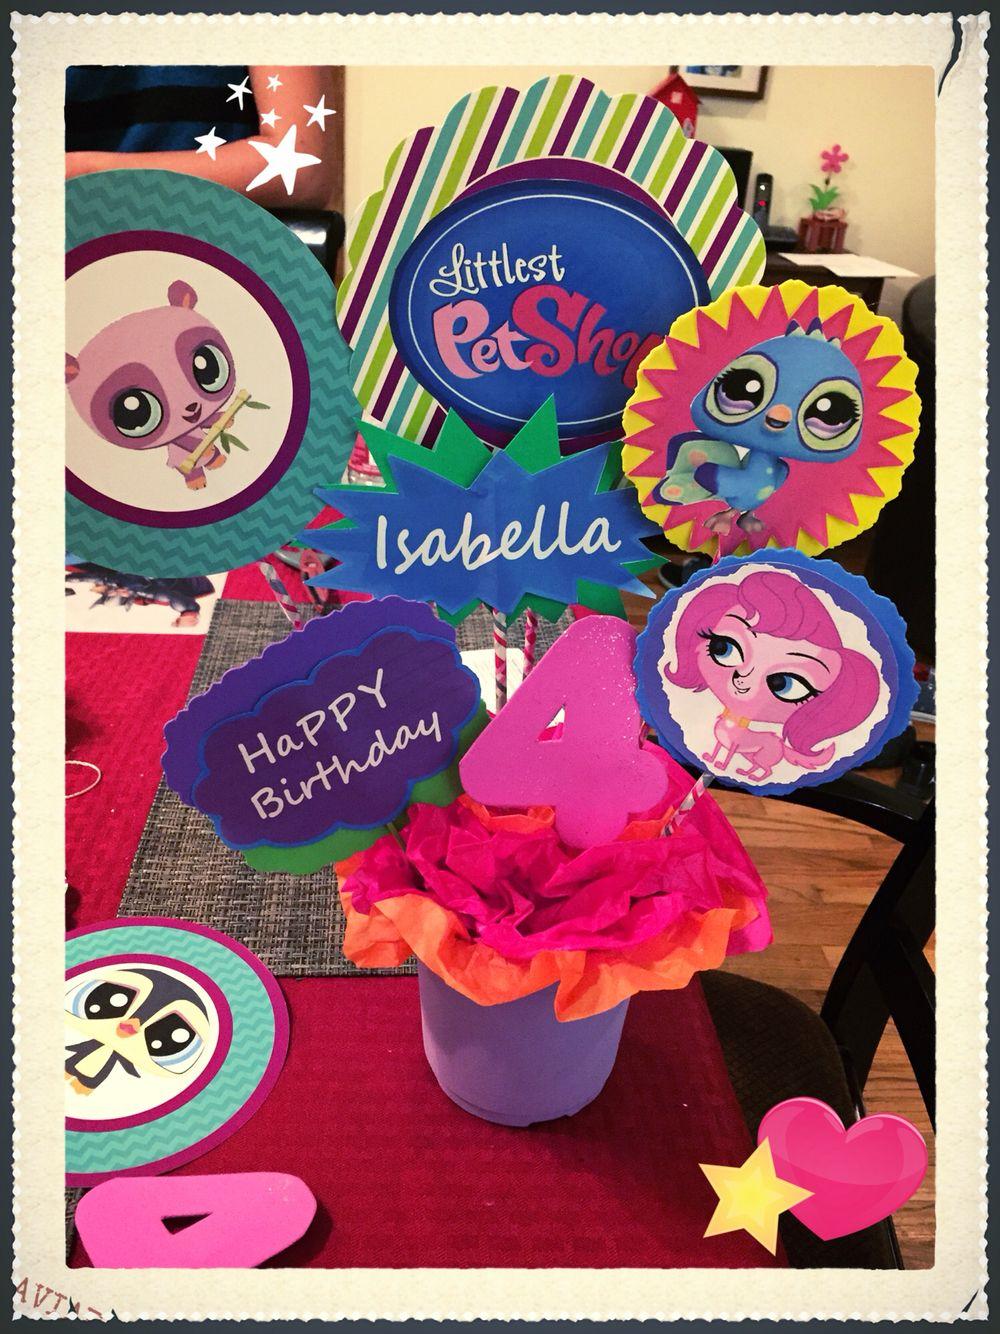 Littlest Pet Shop Centerpiece | Littlest Pet Shop Party Ideas ...